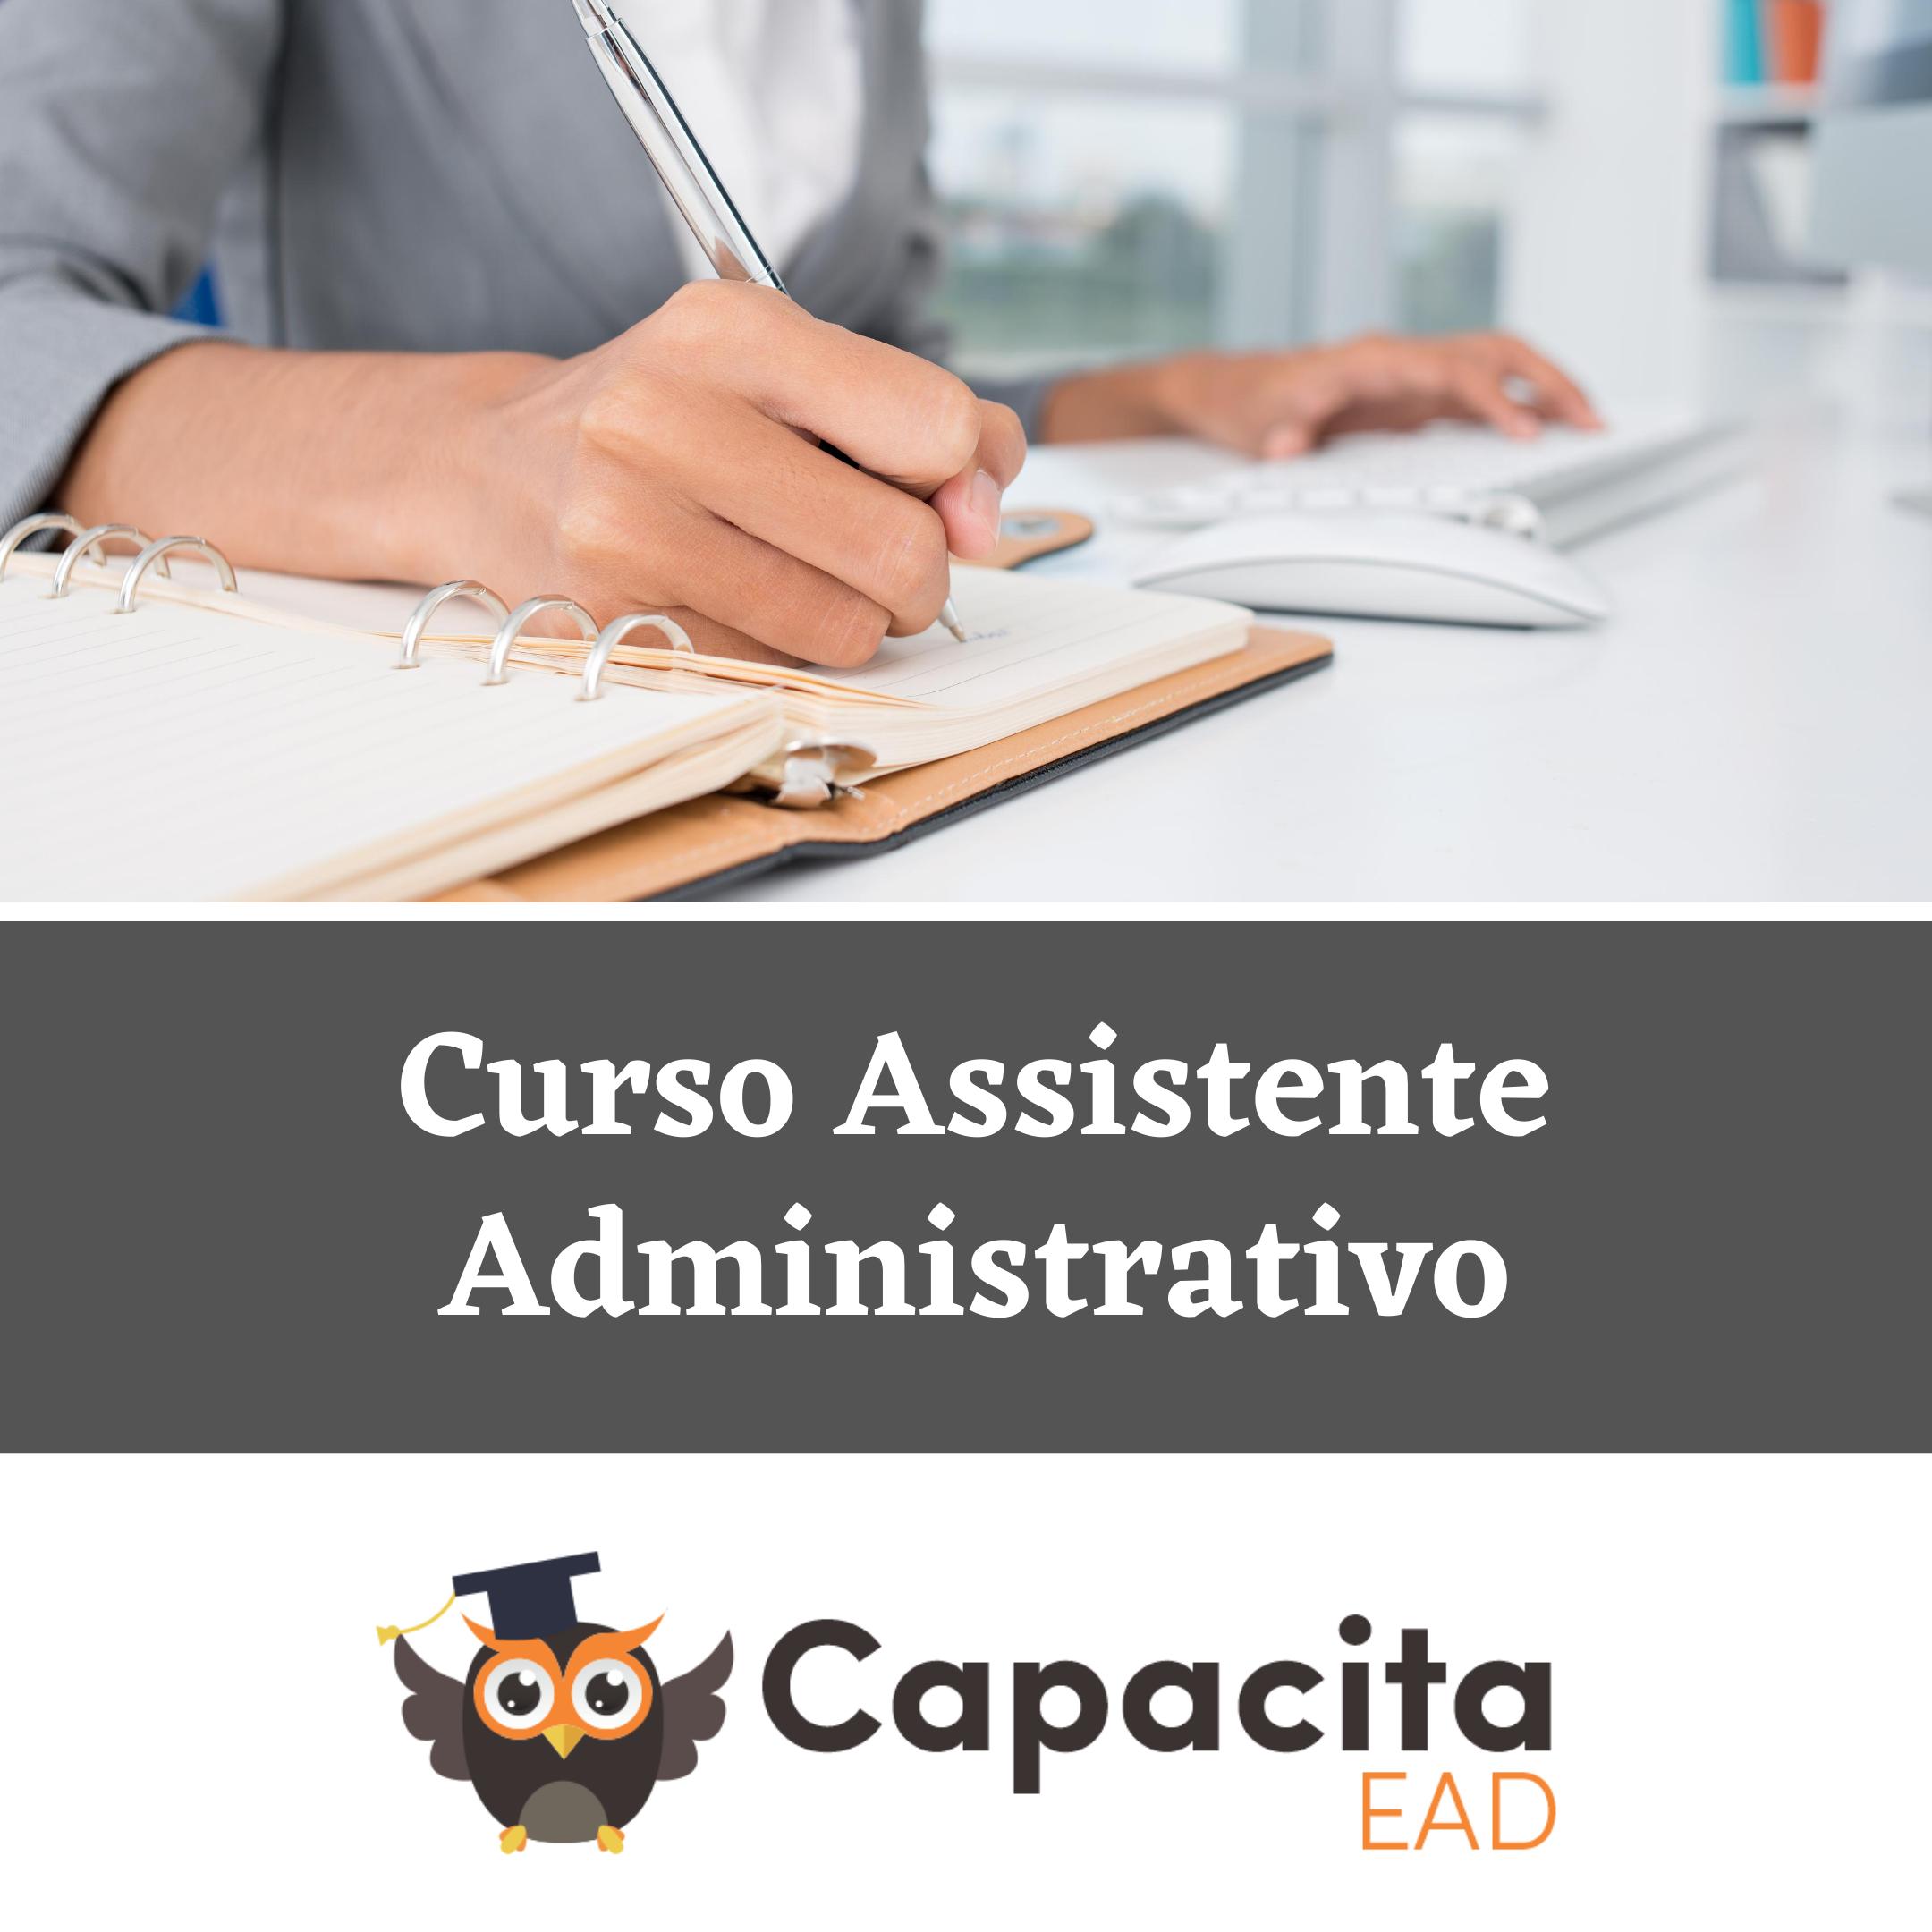 Curso Assistente Administrativo